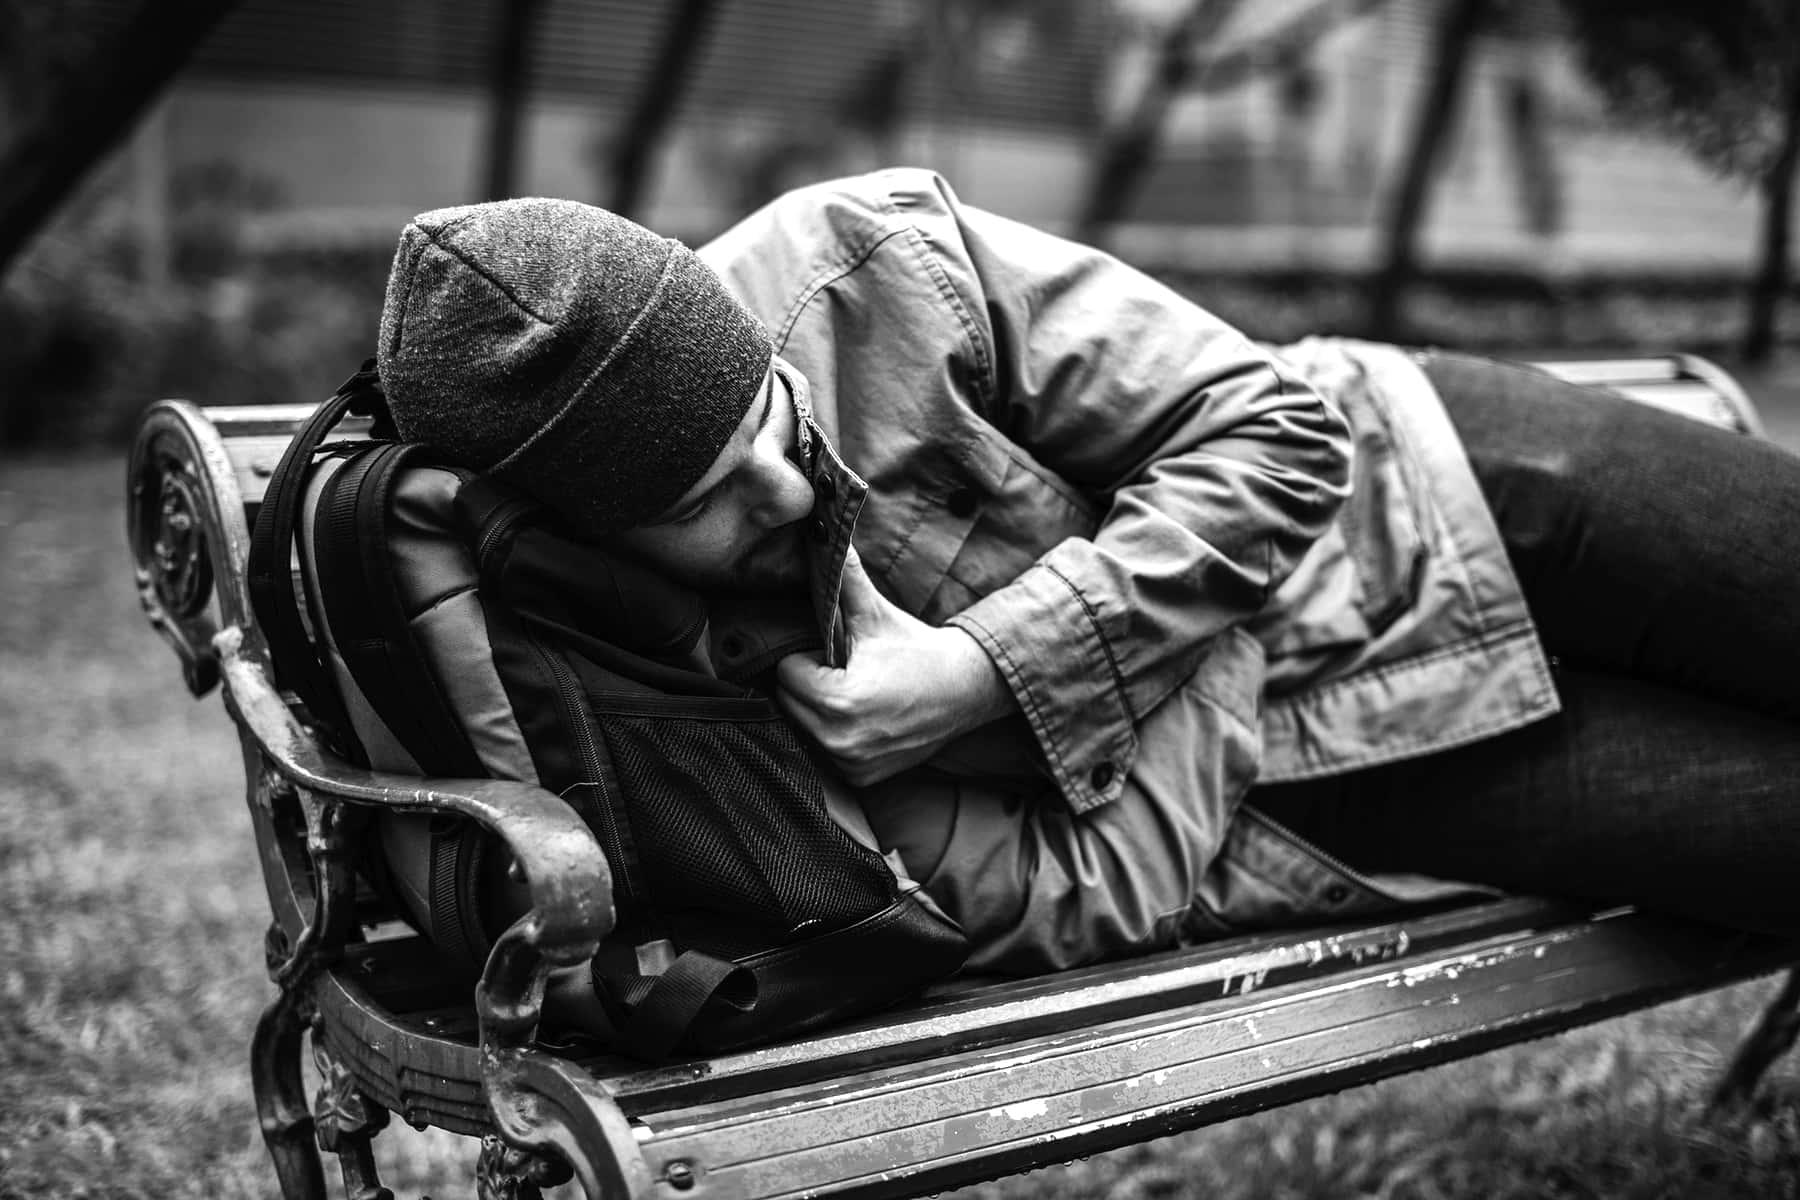 011019_homeless_03